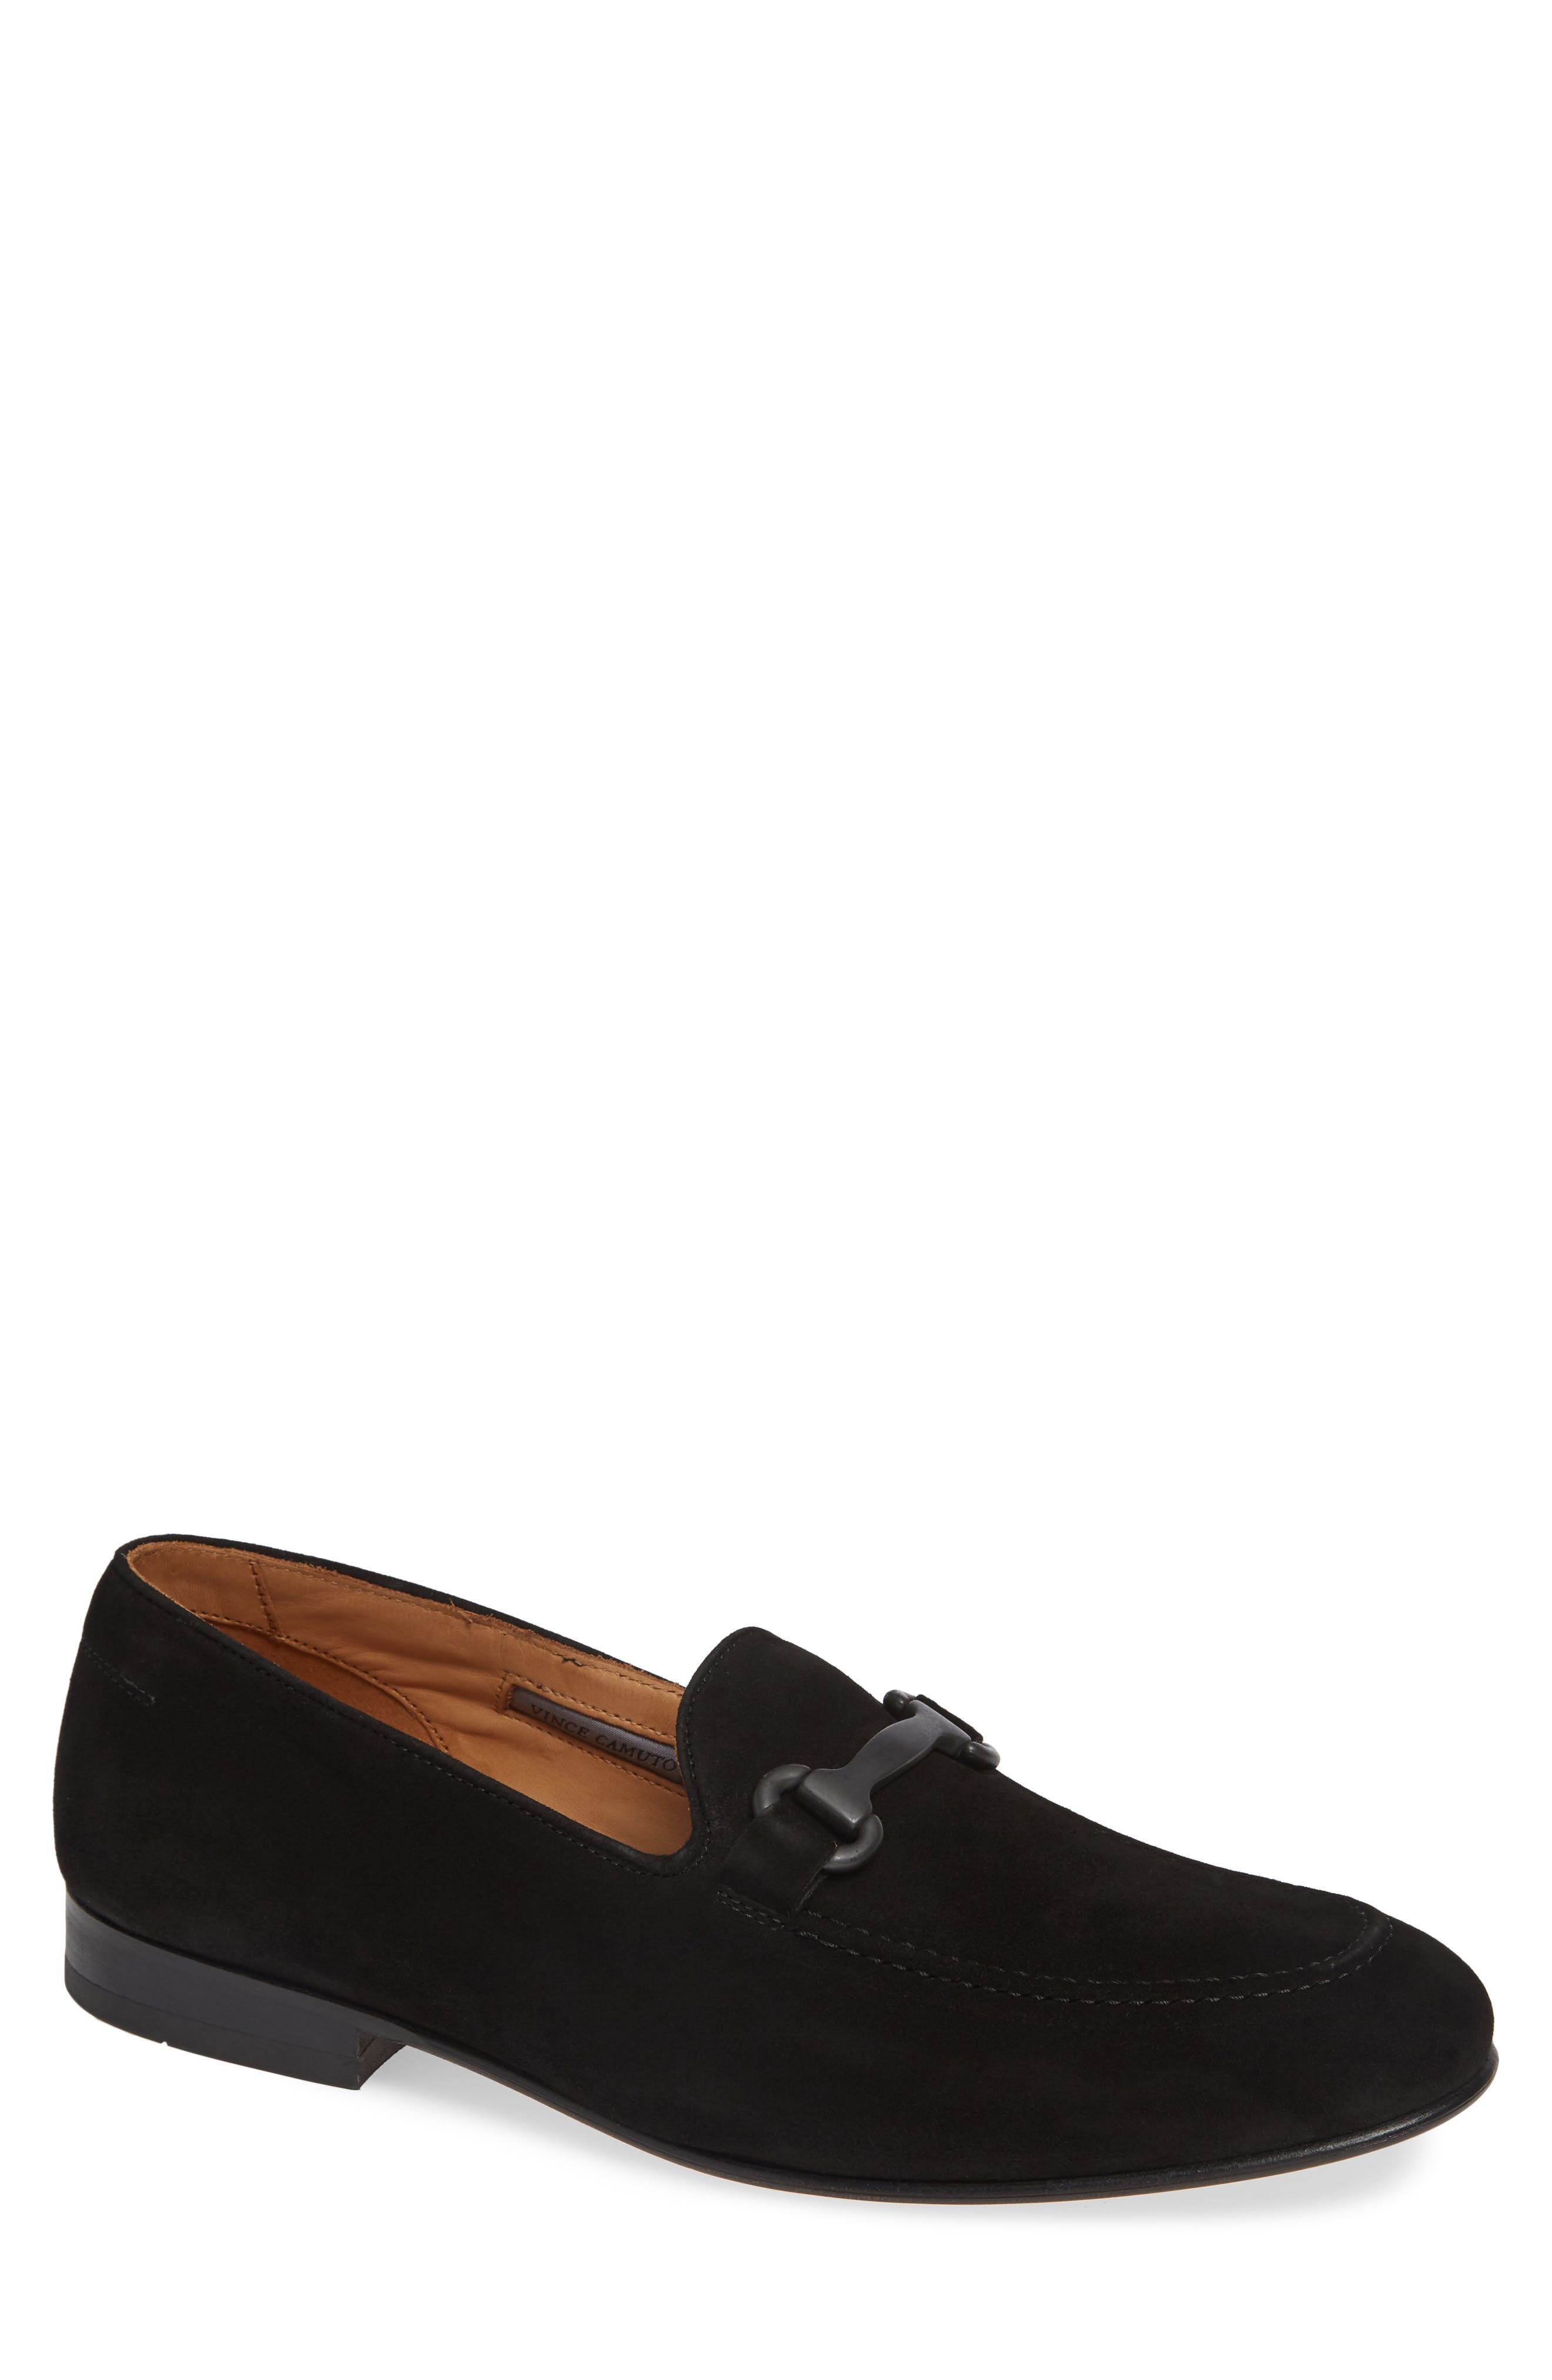 Brag Bit Loafer,                         Main,                         color, BLACK SUEDE